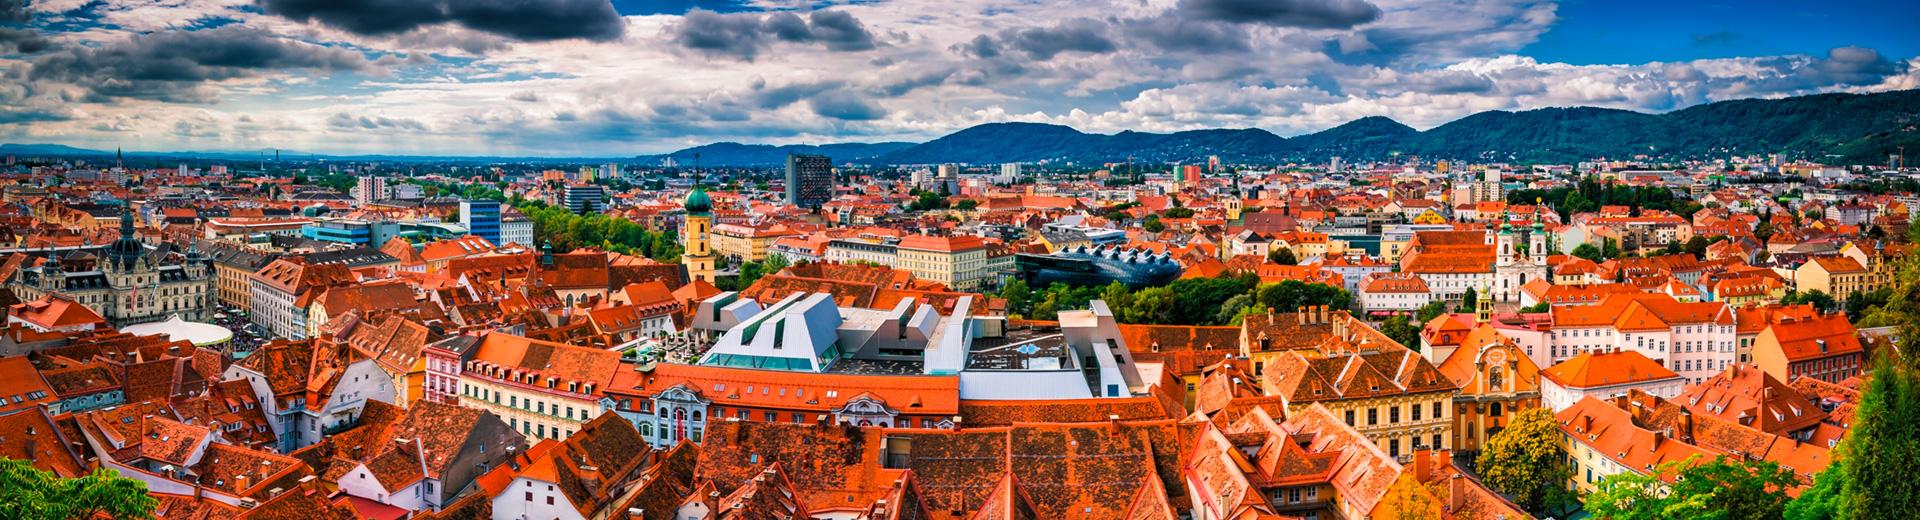 Städtereise Graz